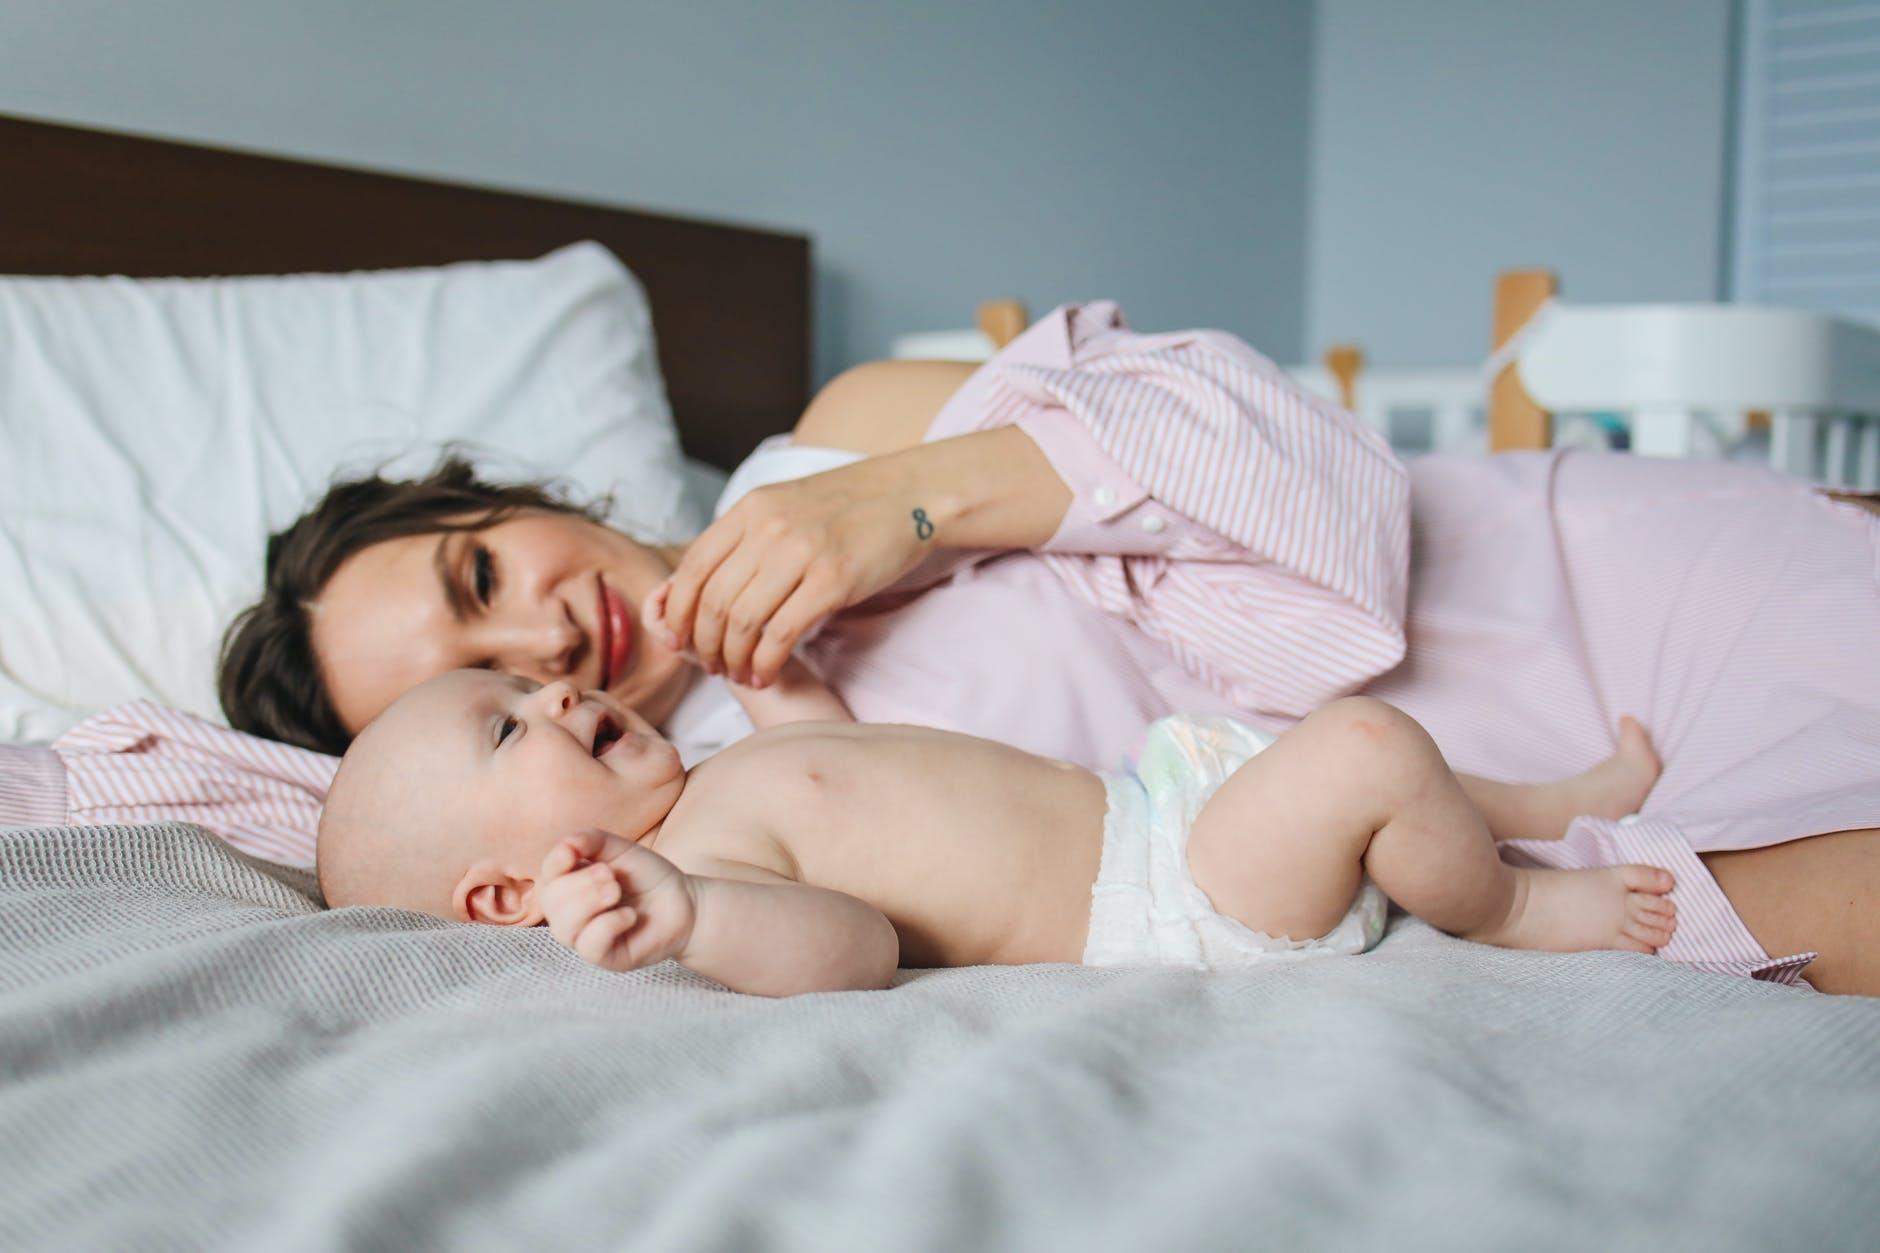 Mituri despre nașterea prin cezariană. Tot ce trebuie să știi despre această operație